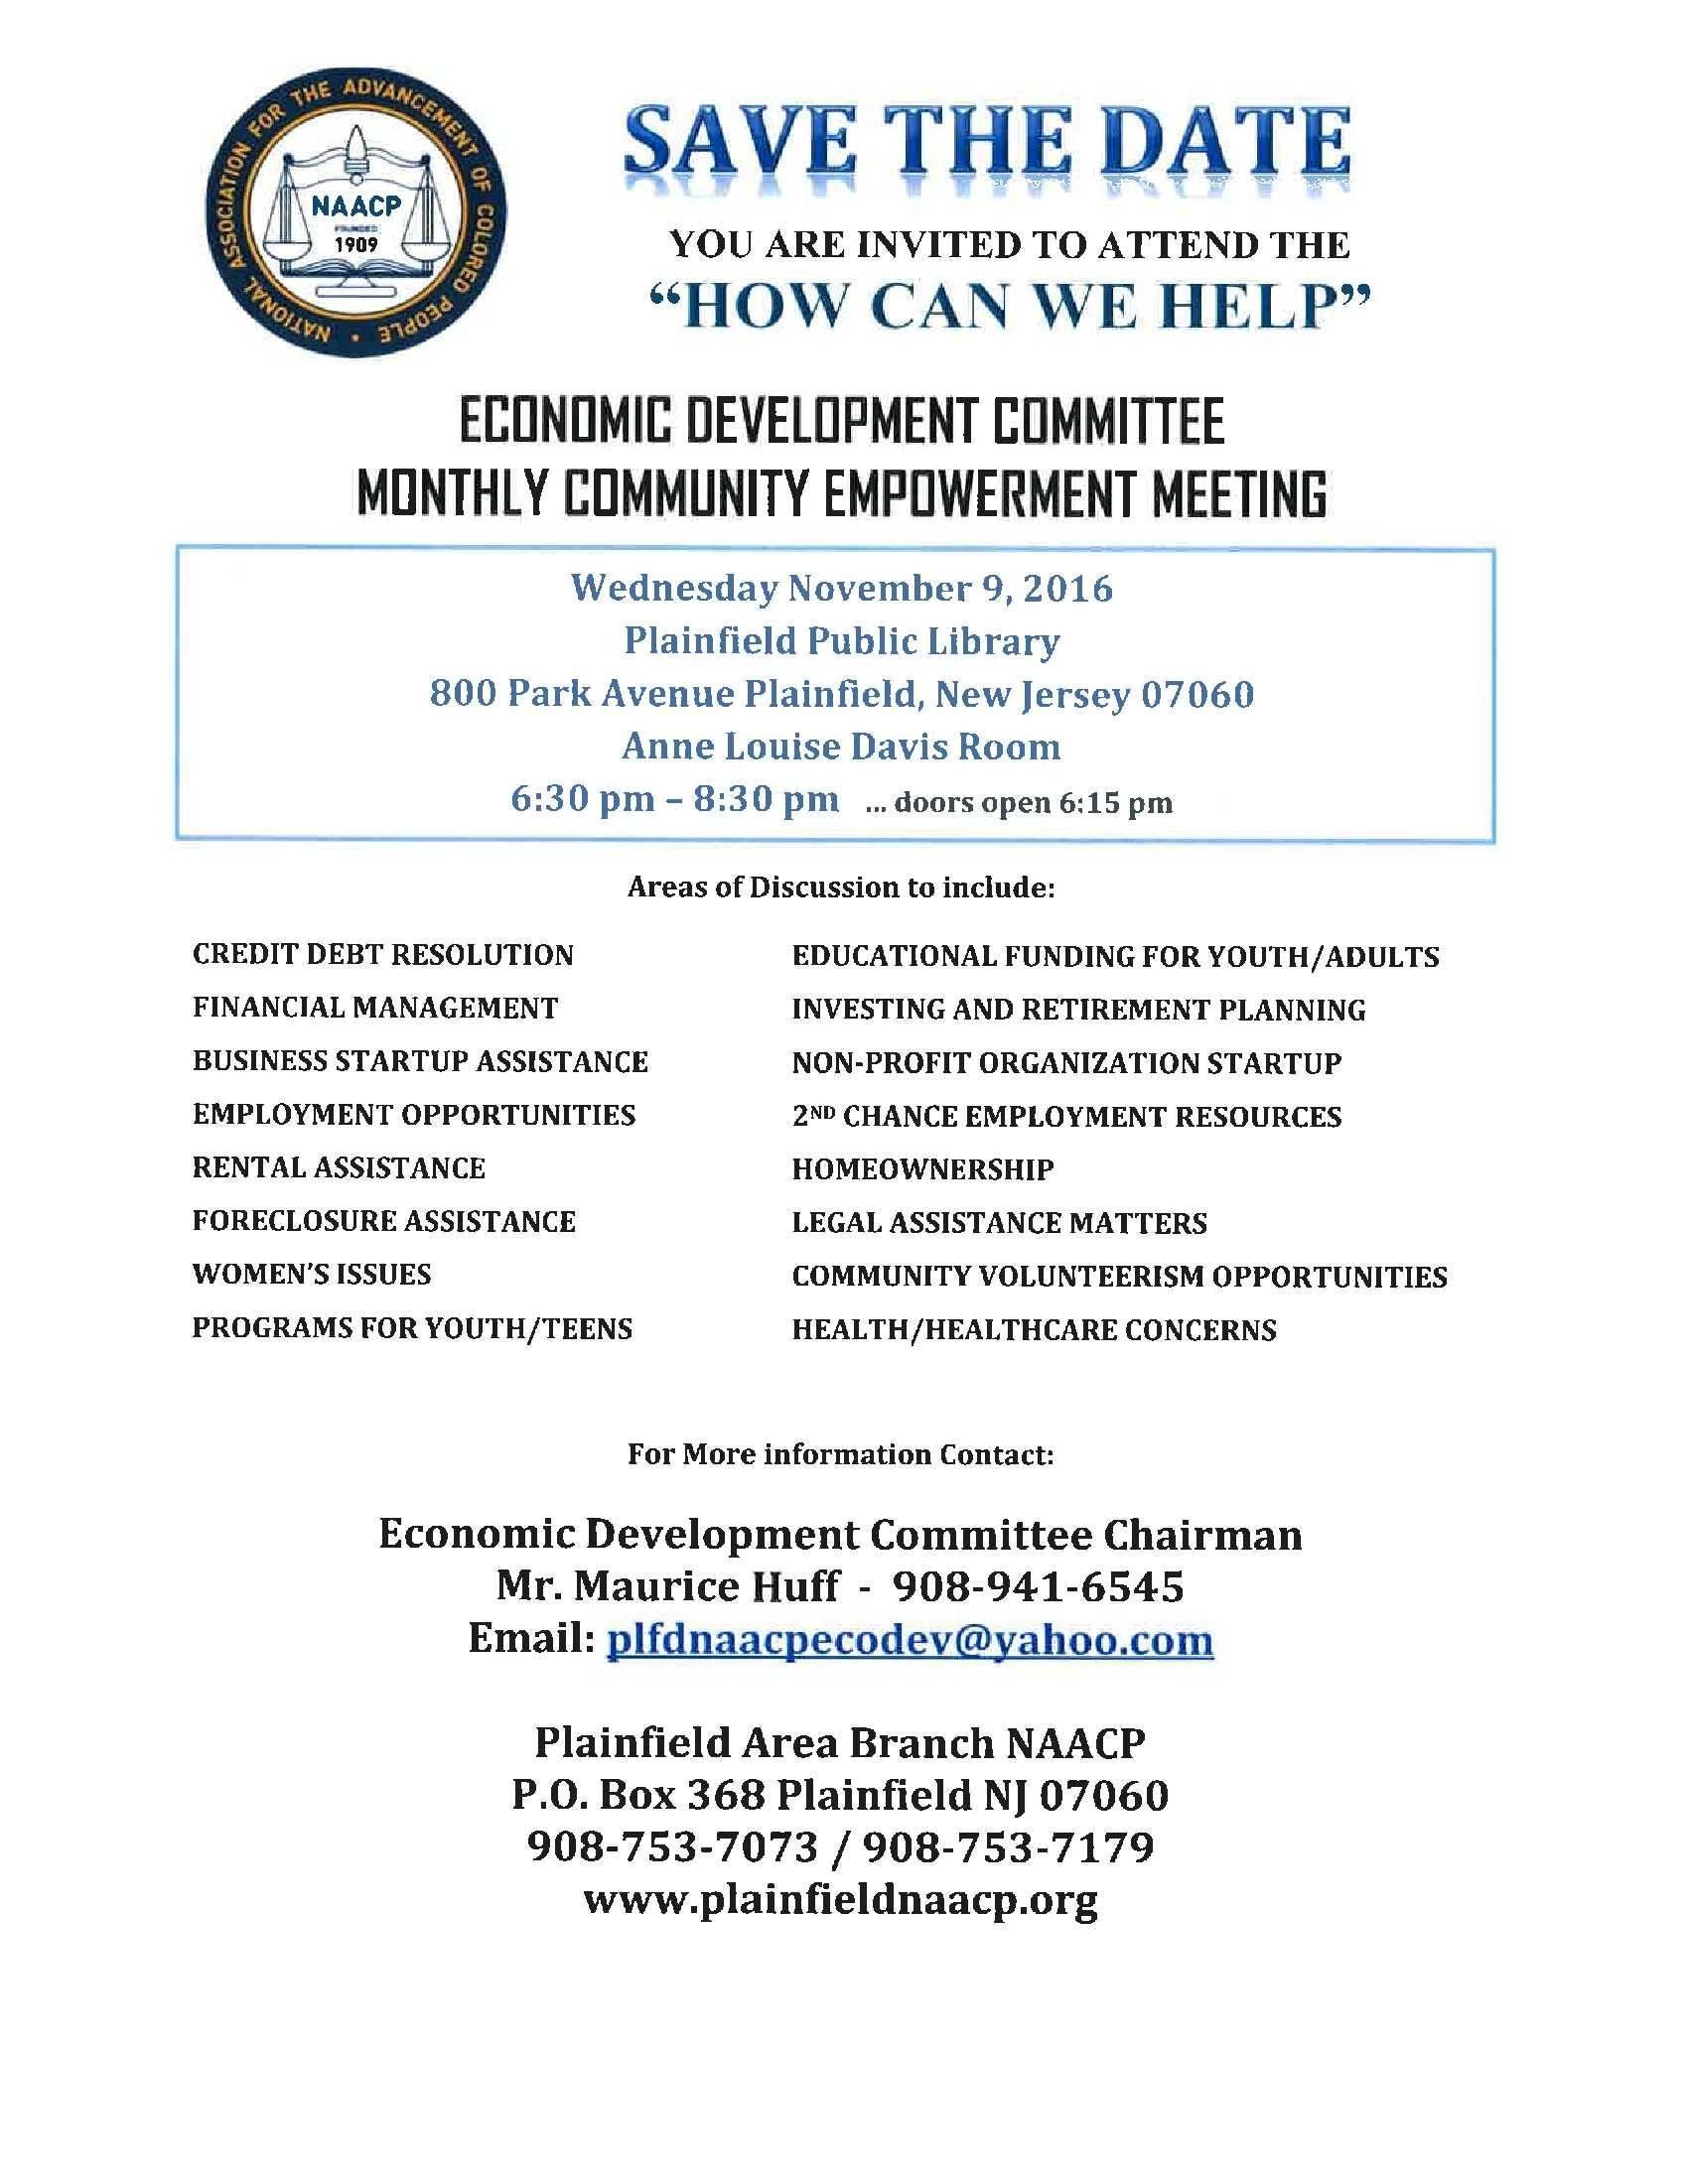 d424f79cef1e8b6778a3_Plainfield_NAACP_Meeting_Flyer.jpg